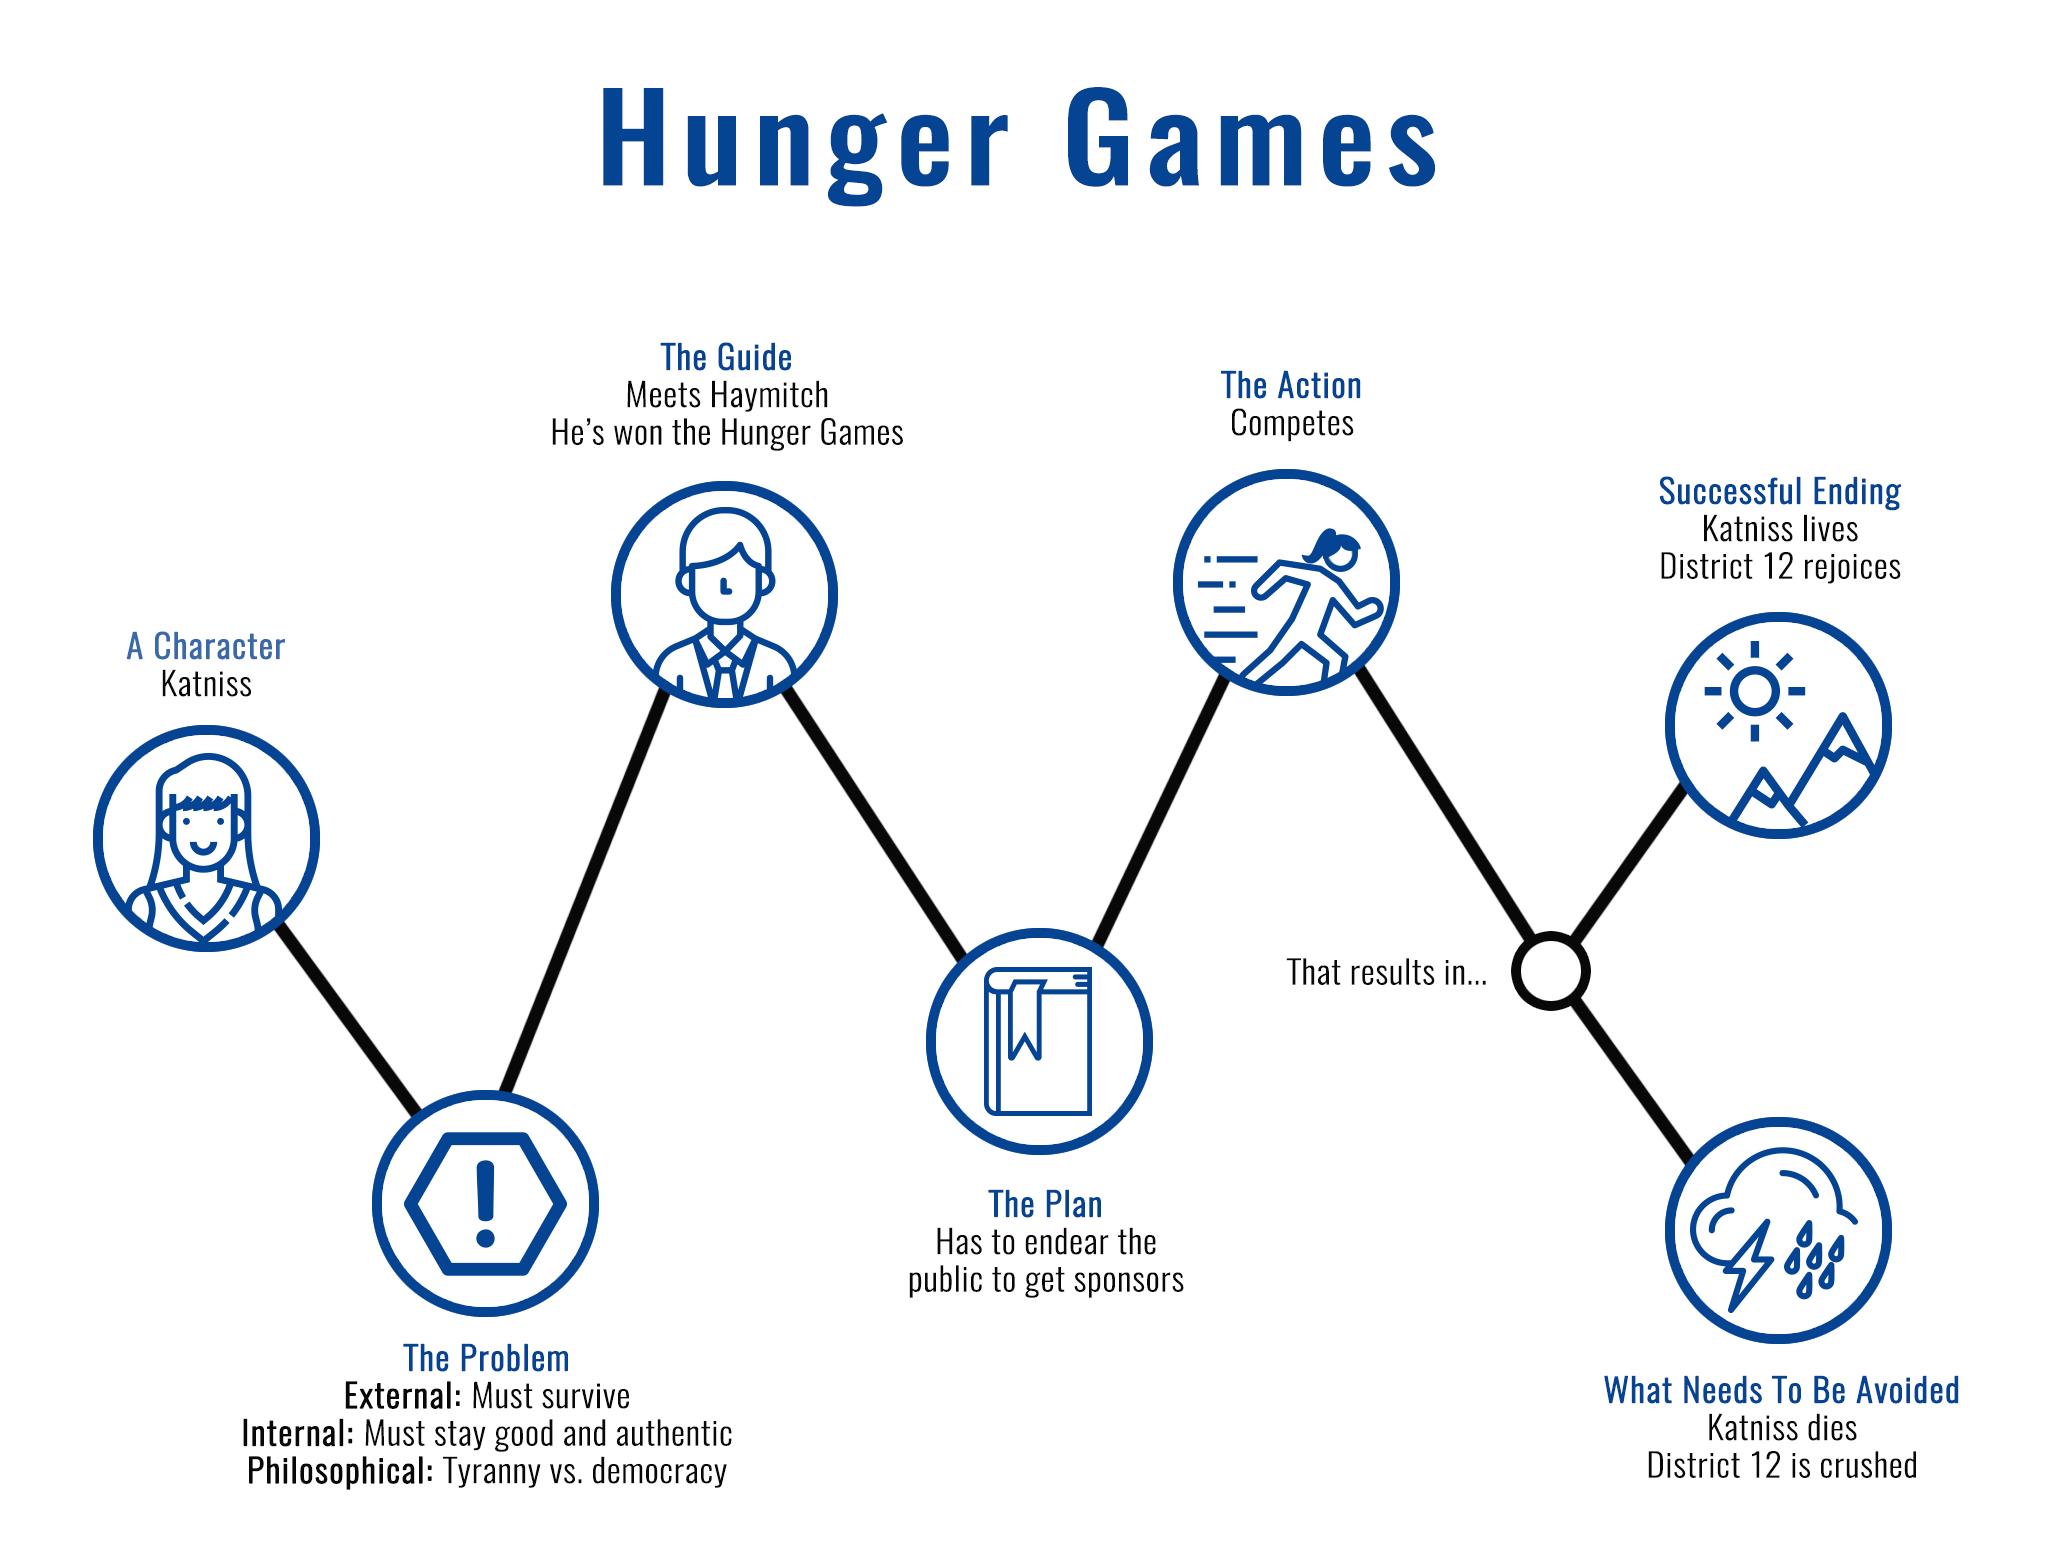 StoryBrand Framework - Hunger Games Example